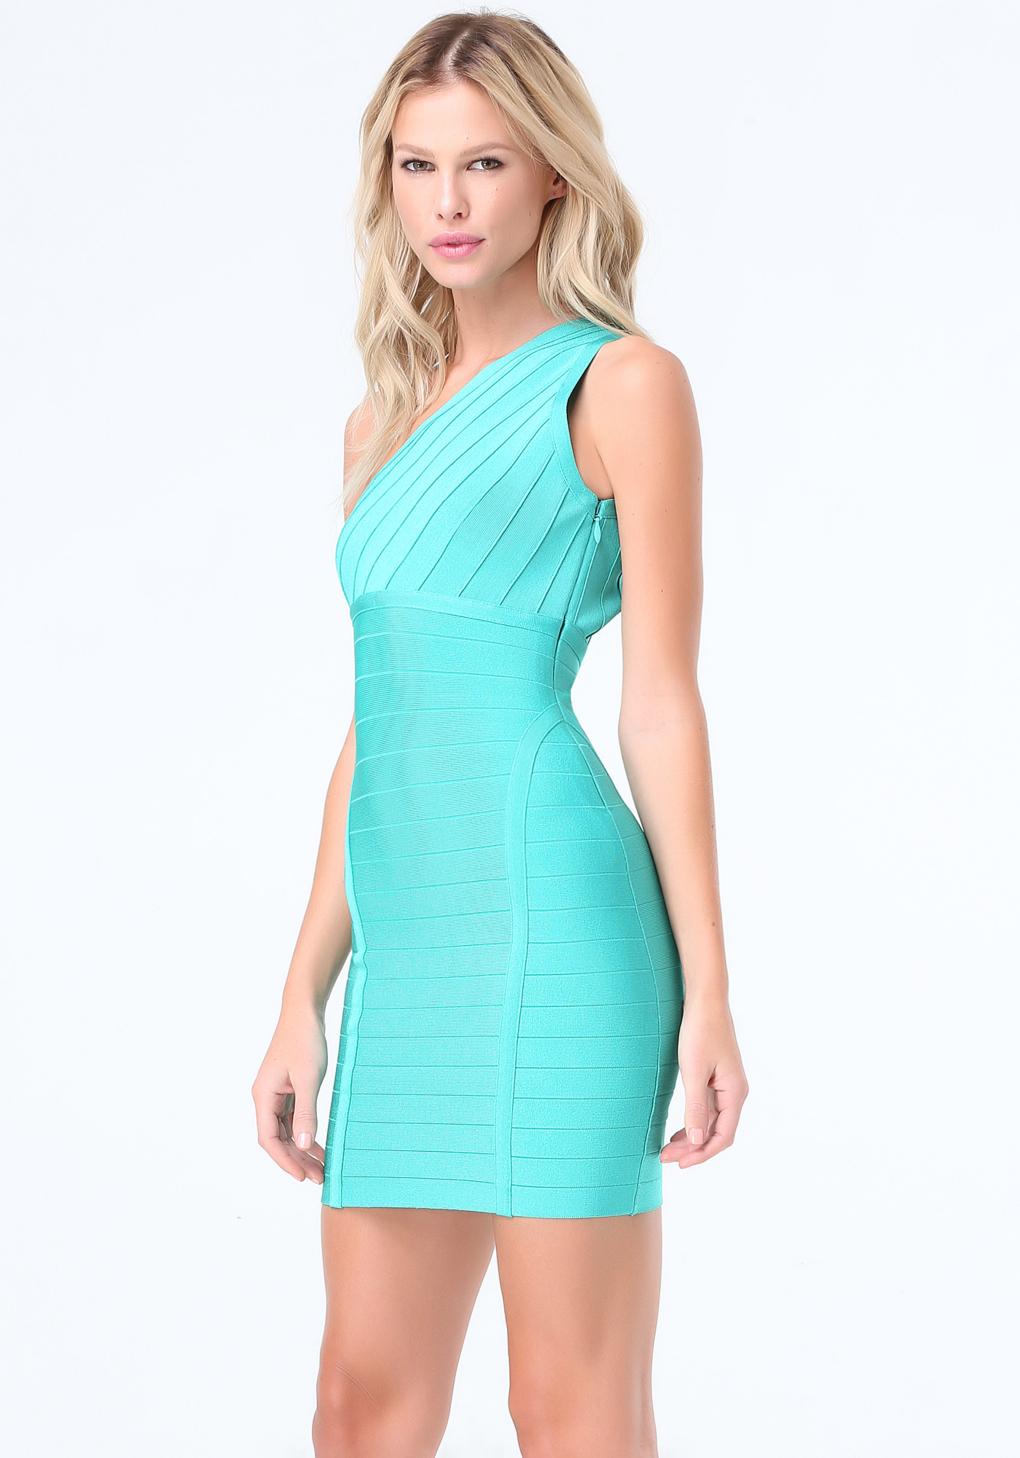 Lyst - Bebe One Shoulder Bandage Dress in Blue